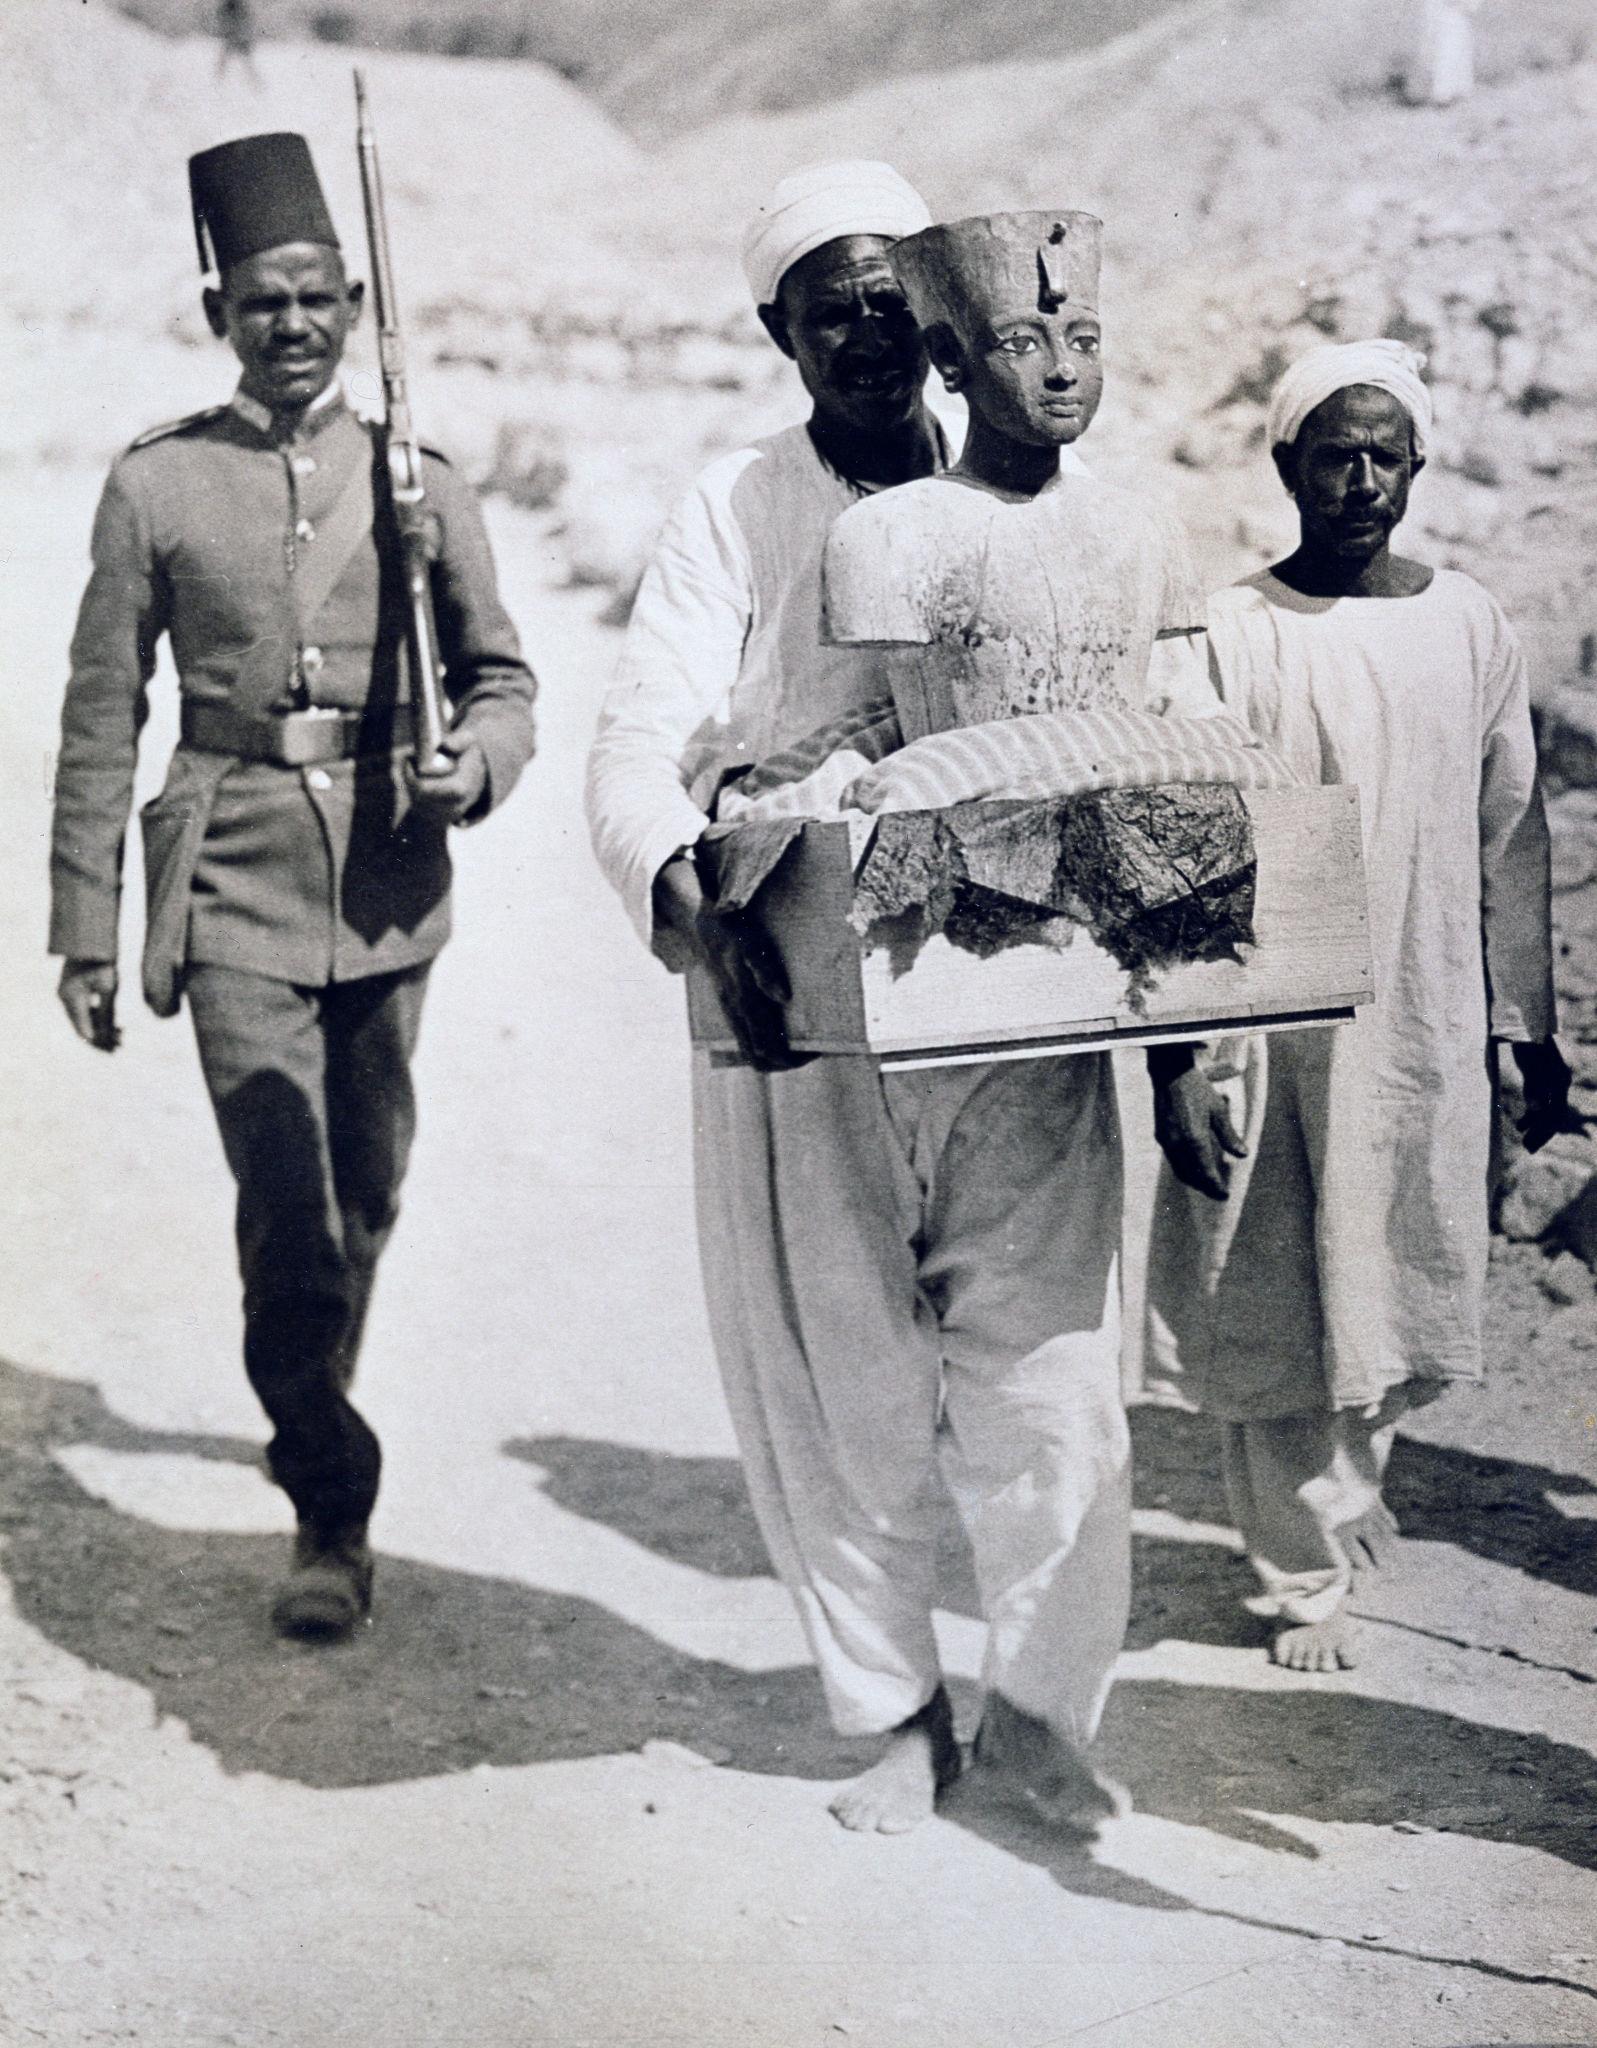 1922. Манекен или бюст Тутанхамона, вывезенный из его гробницы. Долина Царей